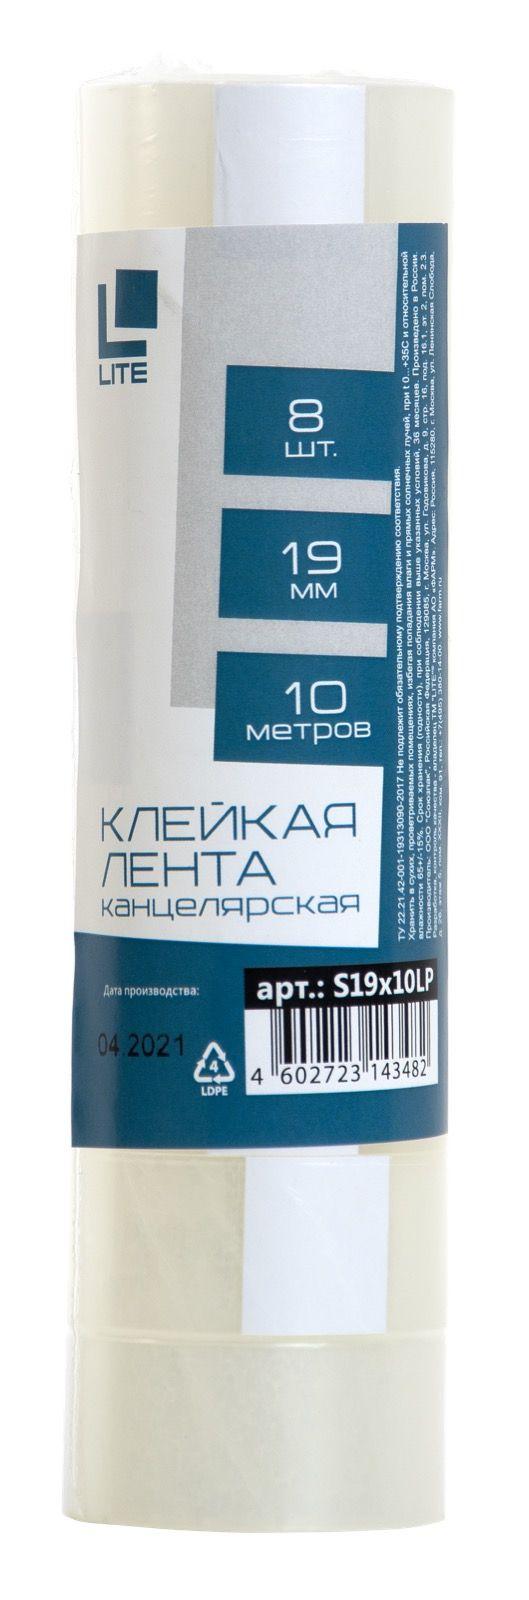 Клейк.лента канцелярская LITE 19 мм 10 м прозрачная